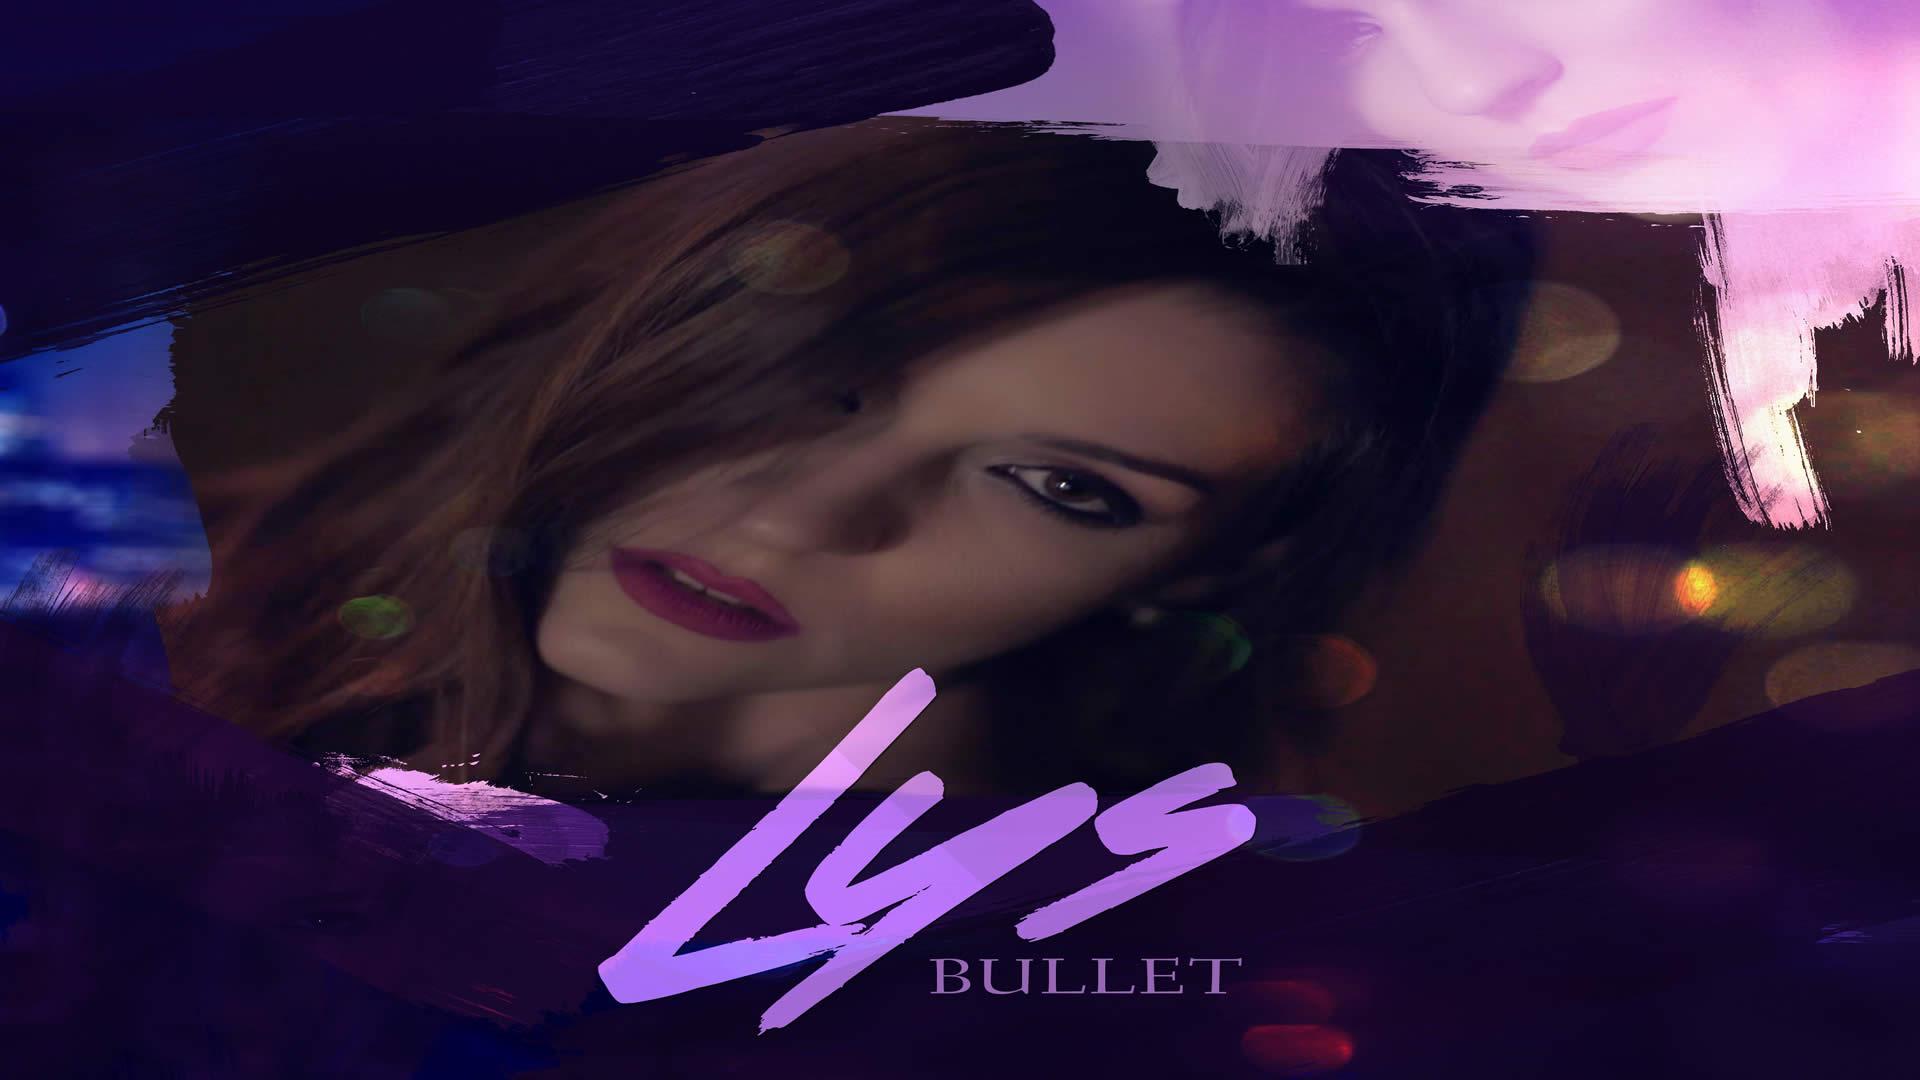 Lys - Bullet